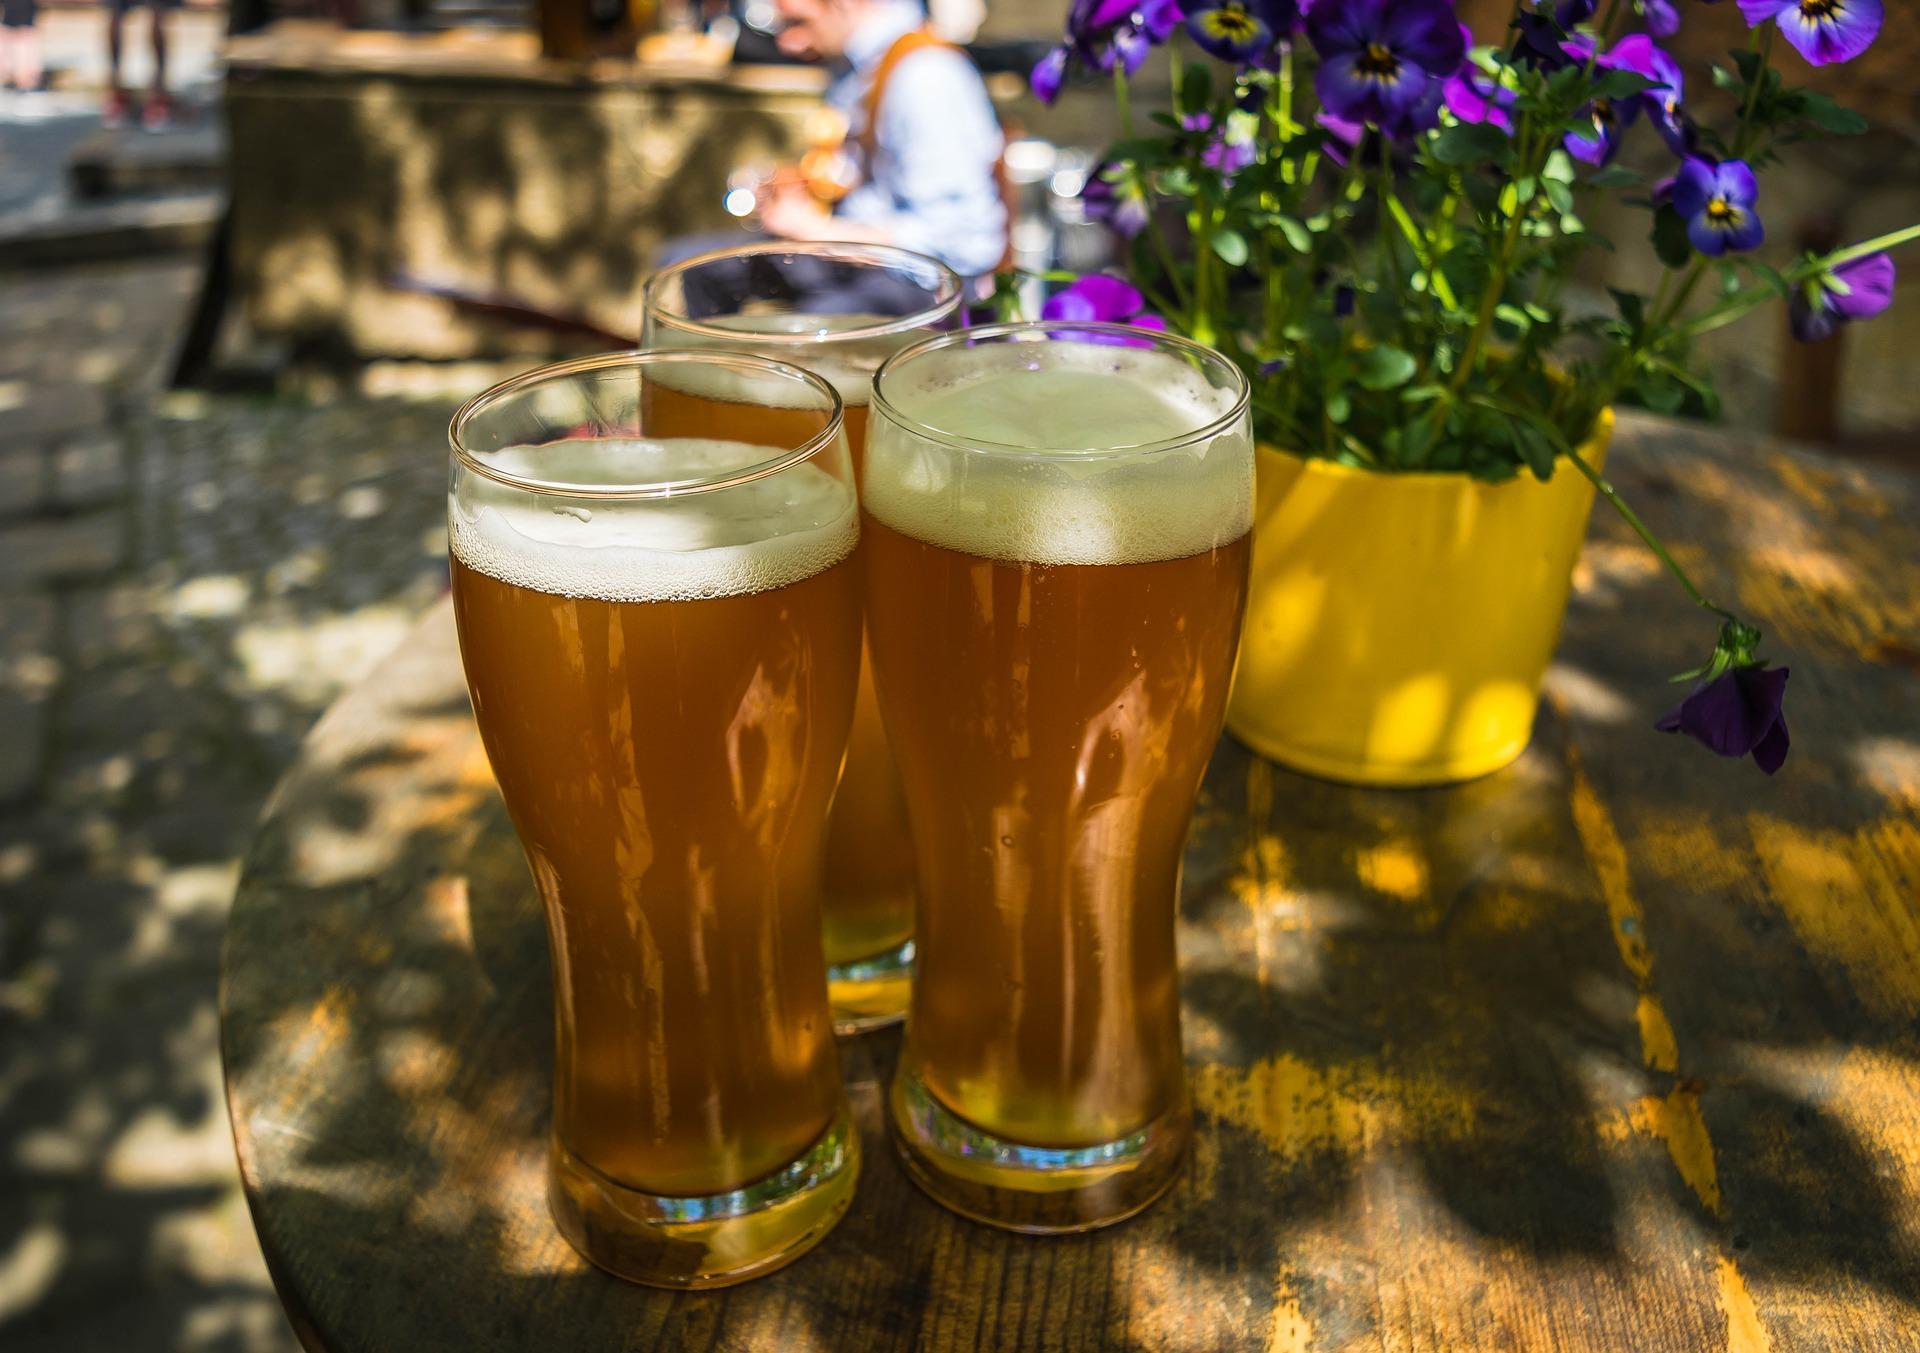 beer-1379581_1920.jpg